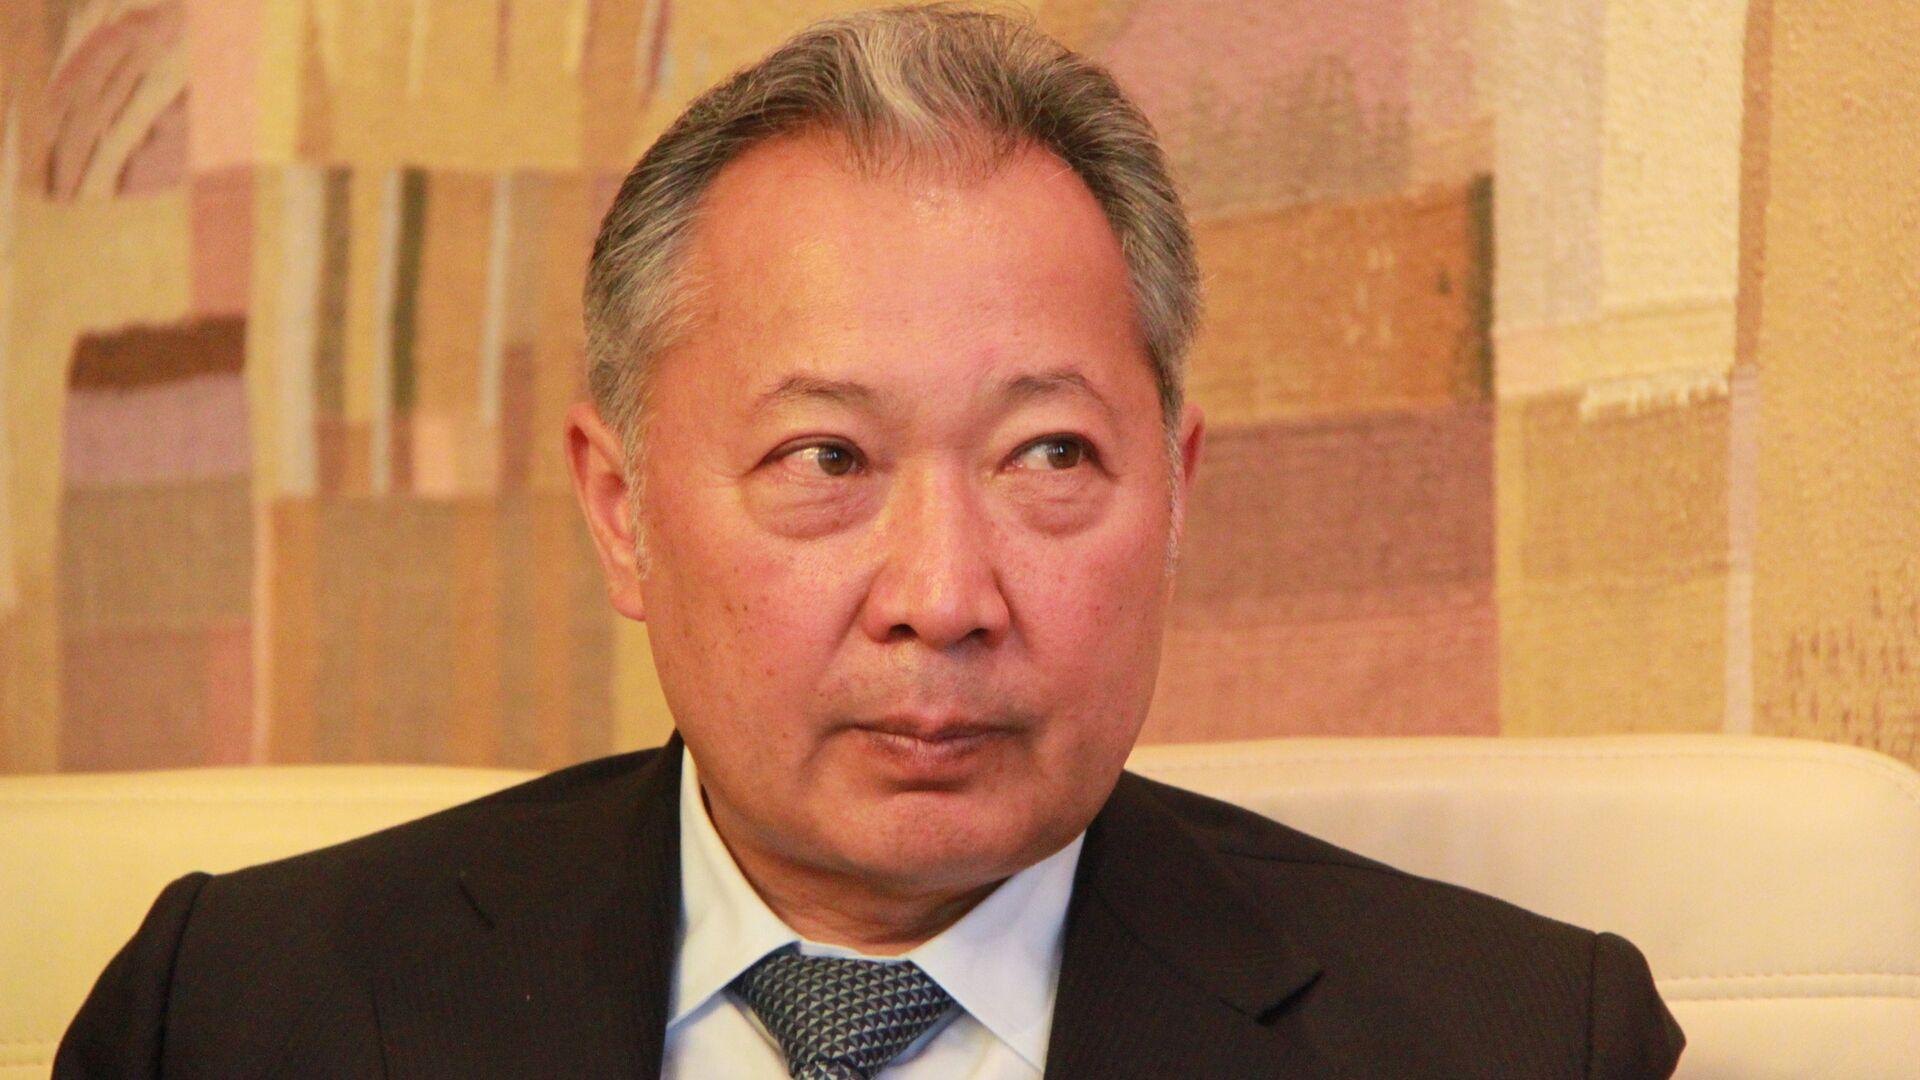 Курманбек Бакиев, бывший президент Киргизии - РИА Новости, 1920, 06.10.2020